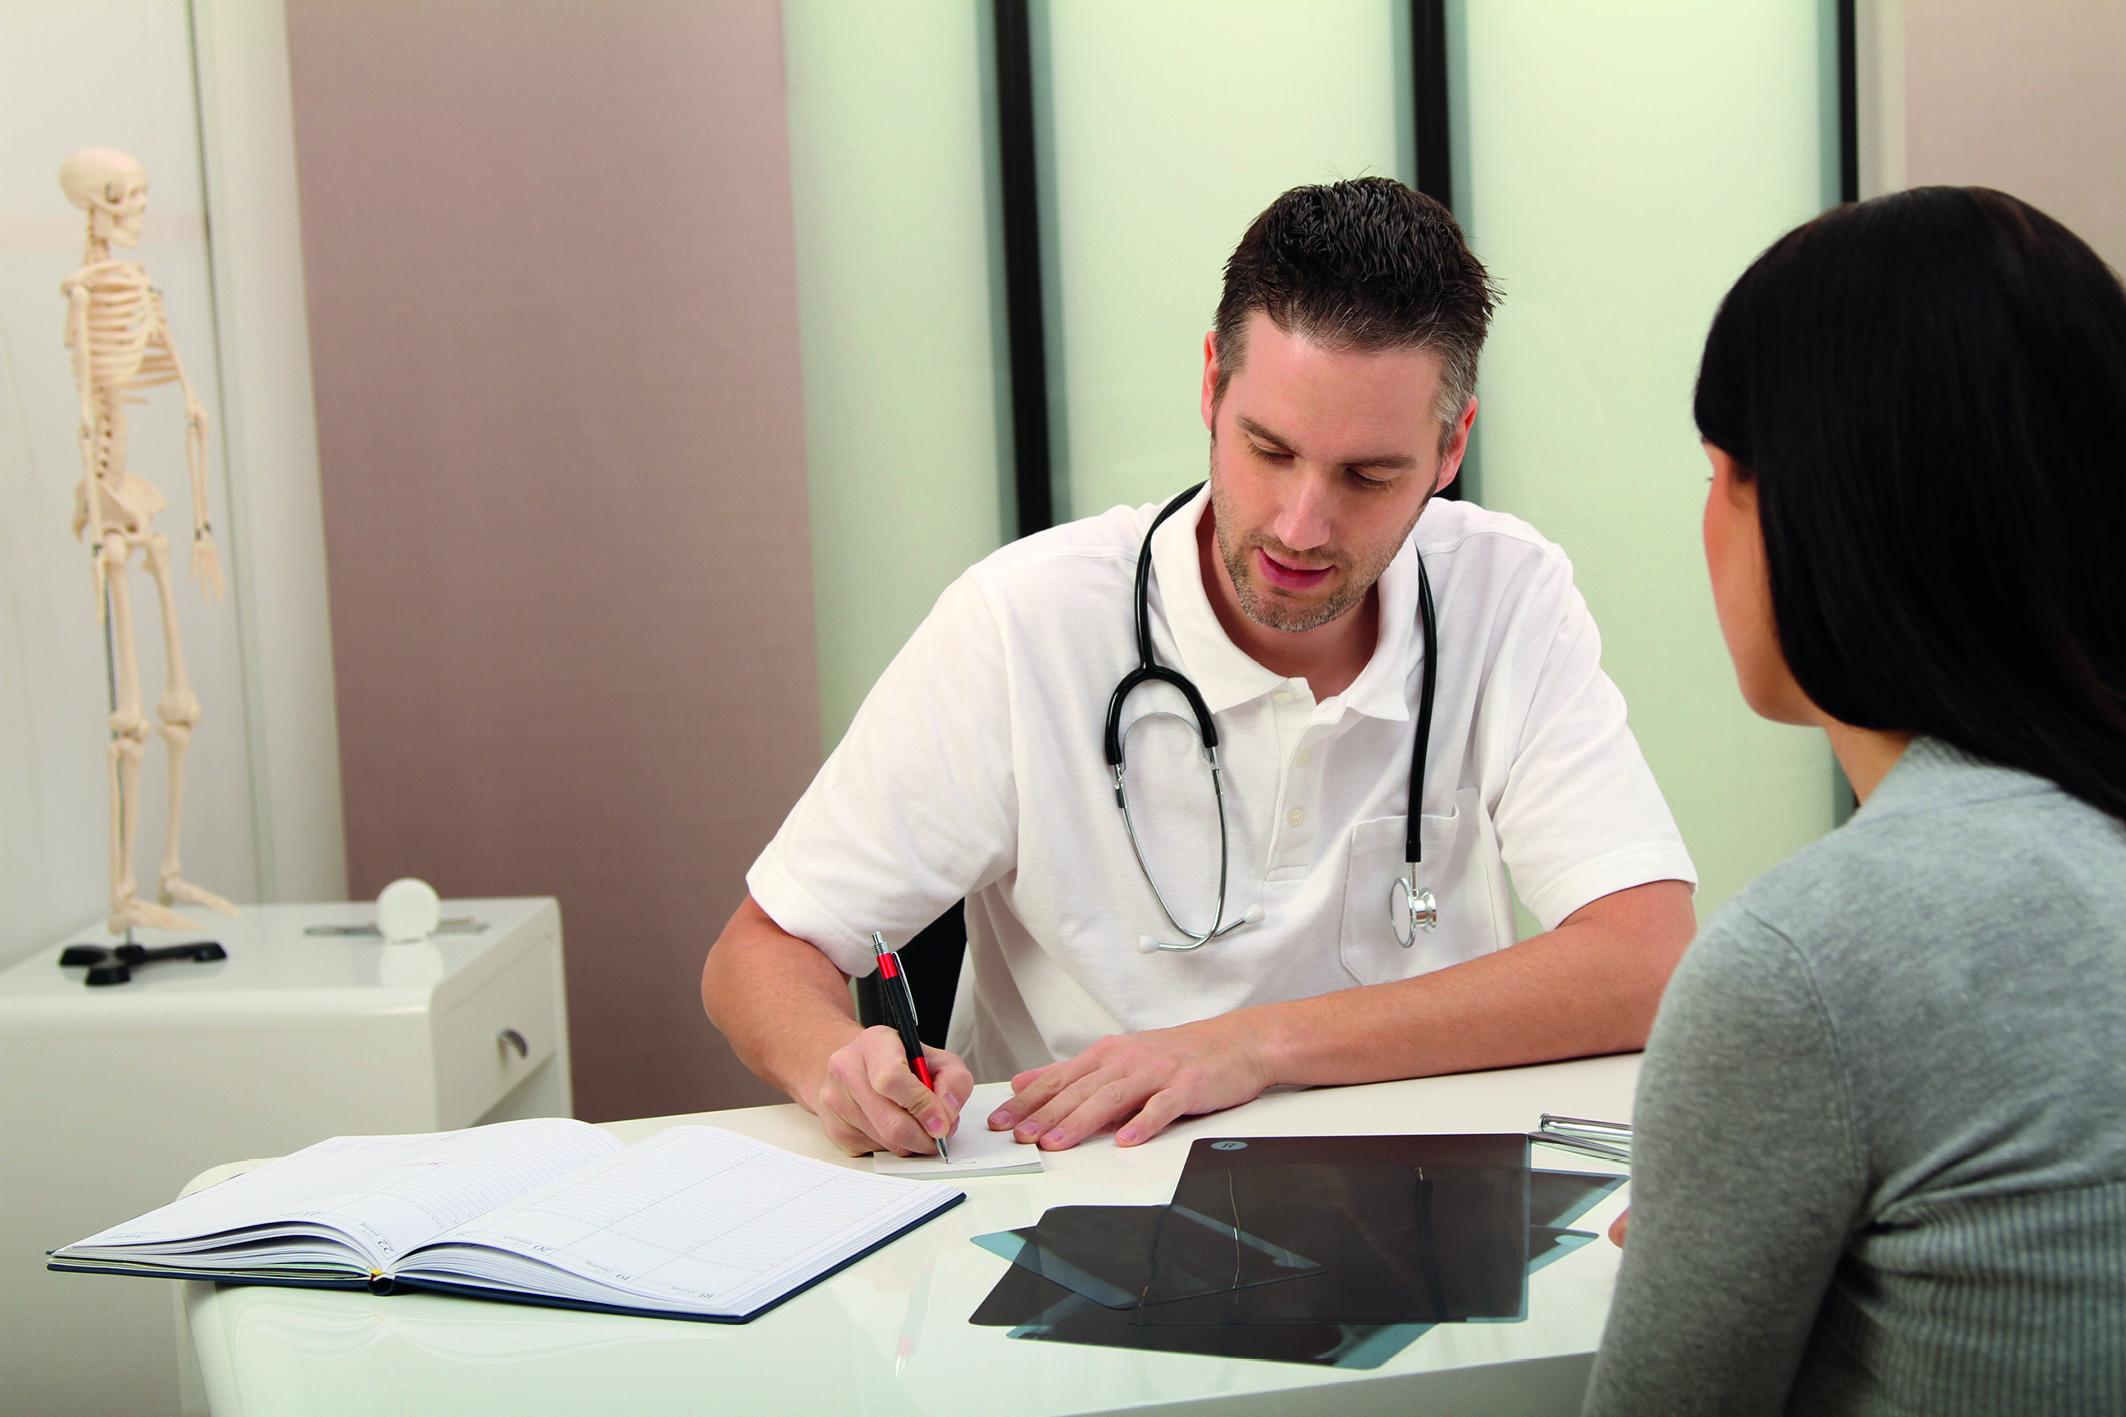 Ein Arzt und eine Patienten sitzen sich gegenüber, der Arzt notiert sich etwas (Berufsunfähigkeit).